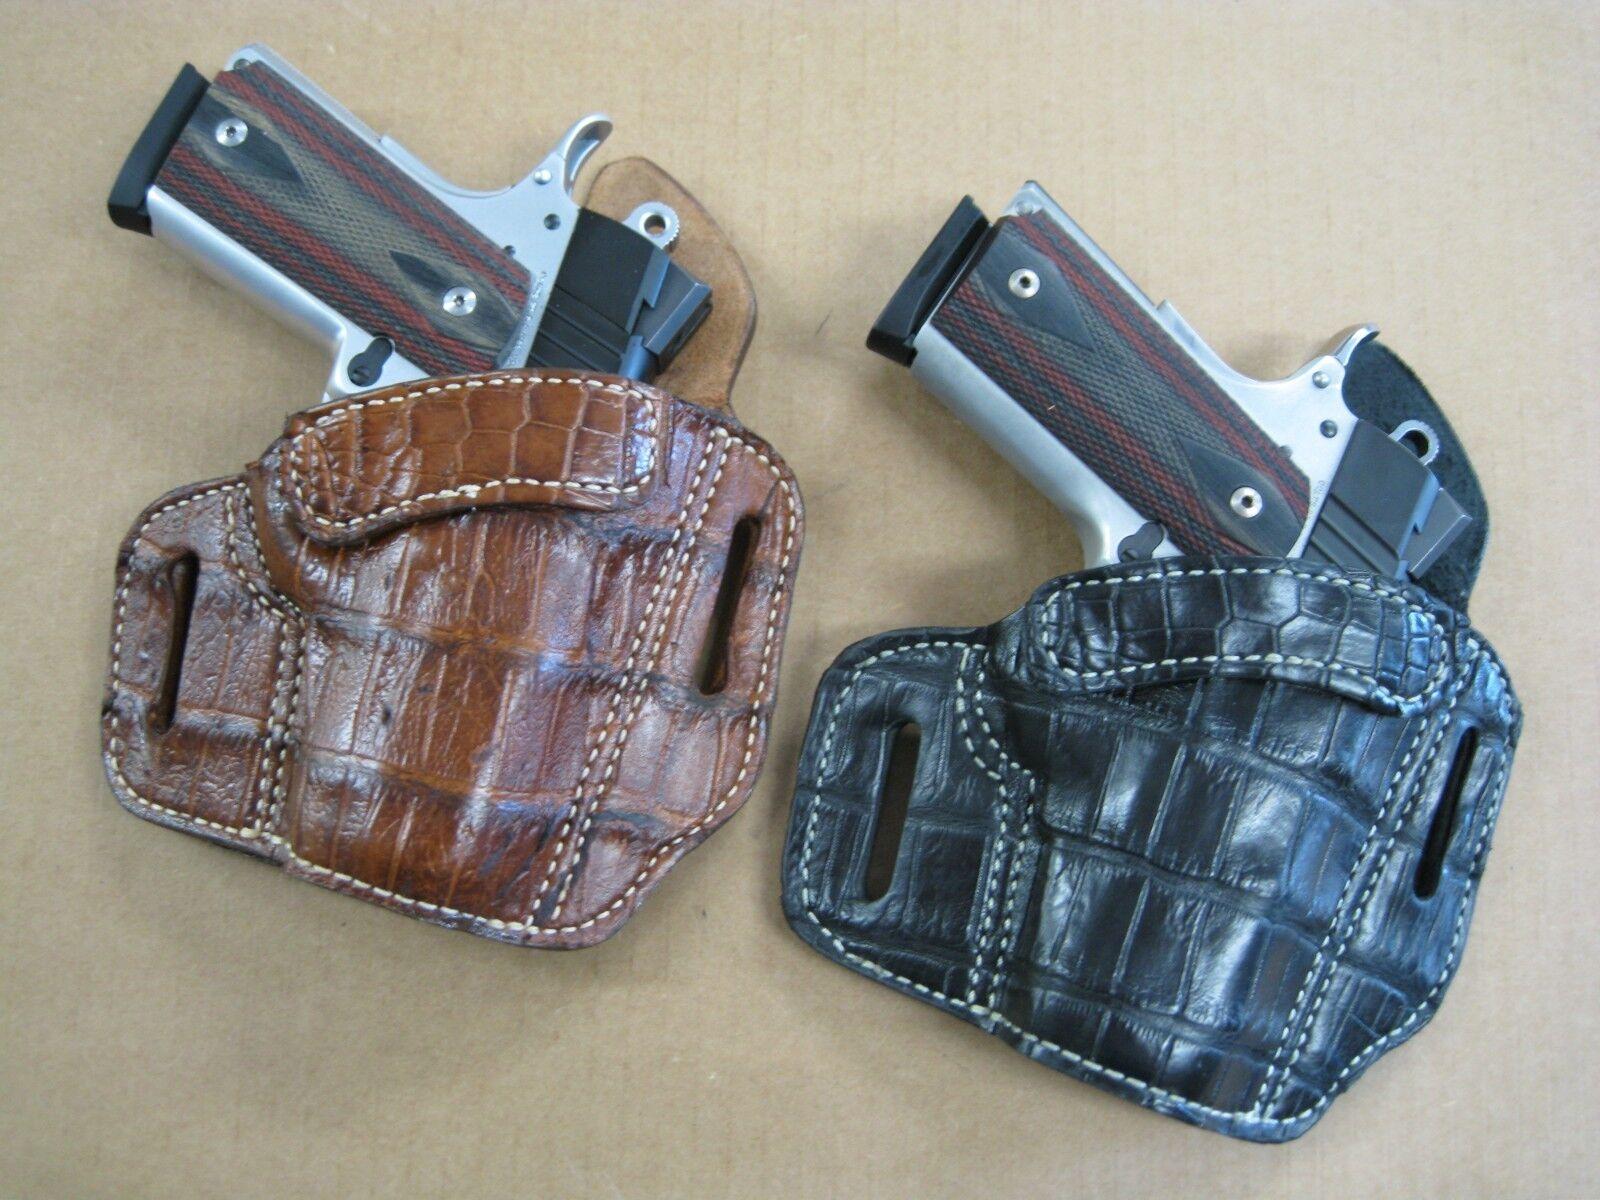 Azula Cocodrilo owb 2 Ranura Panqueque funda de cinturón CCW para.. Elige Color Y Gun - 2